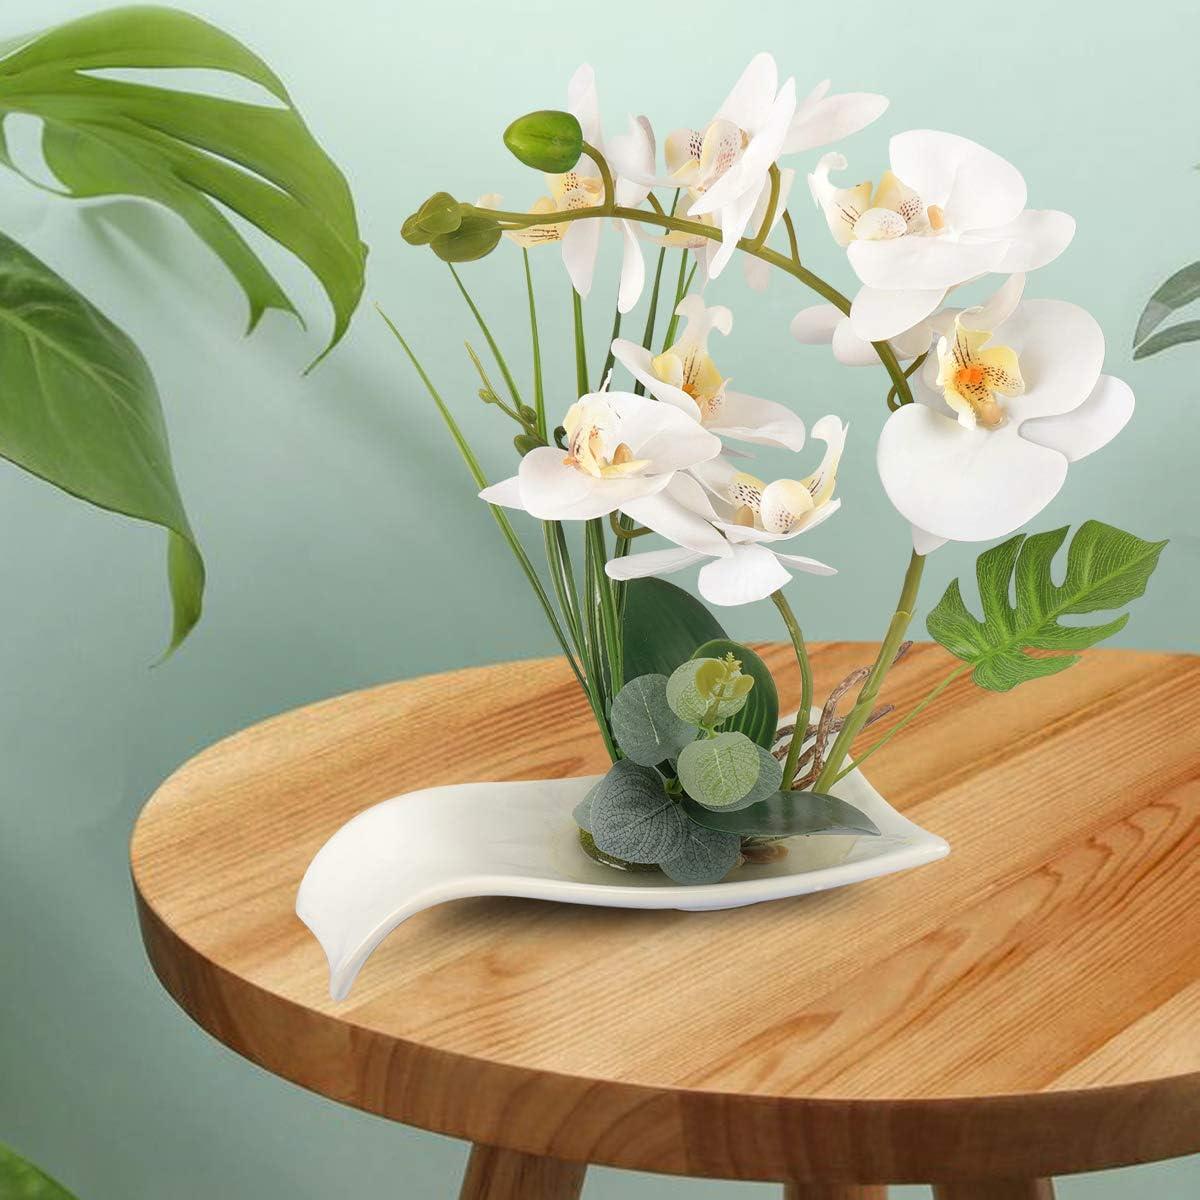 Yobansa D/écoratif Real Touch Faux Orchid/ée Bonsa/ï Fleurs Artificielles avec Imitation Porcelaine Pots De Fleurs Phalaenopsis Fleurs Arrangements pour La D/écoration De La Maison White